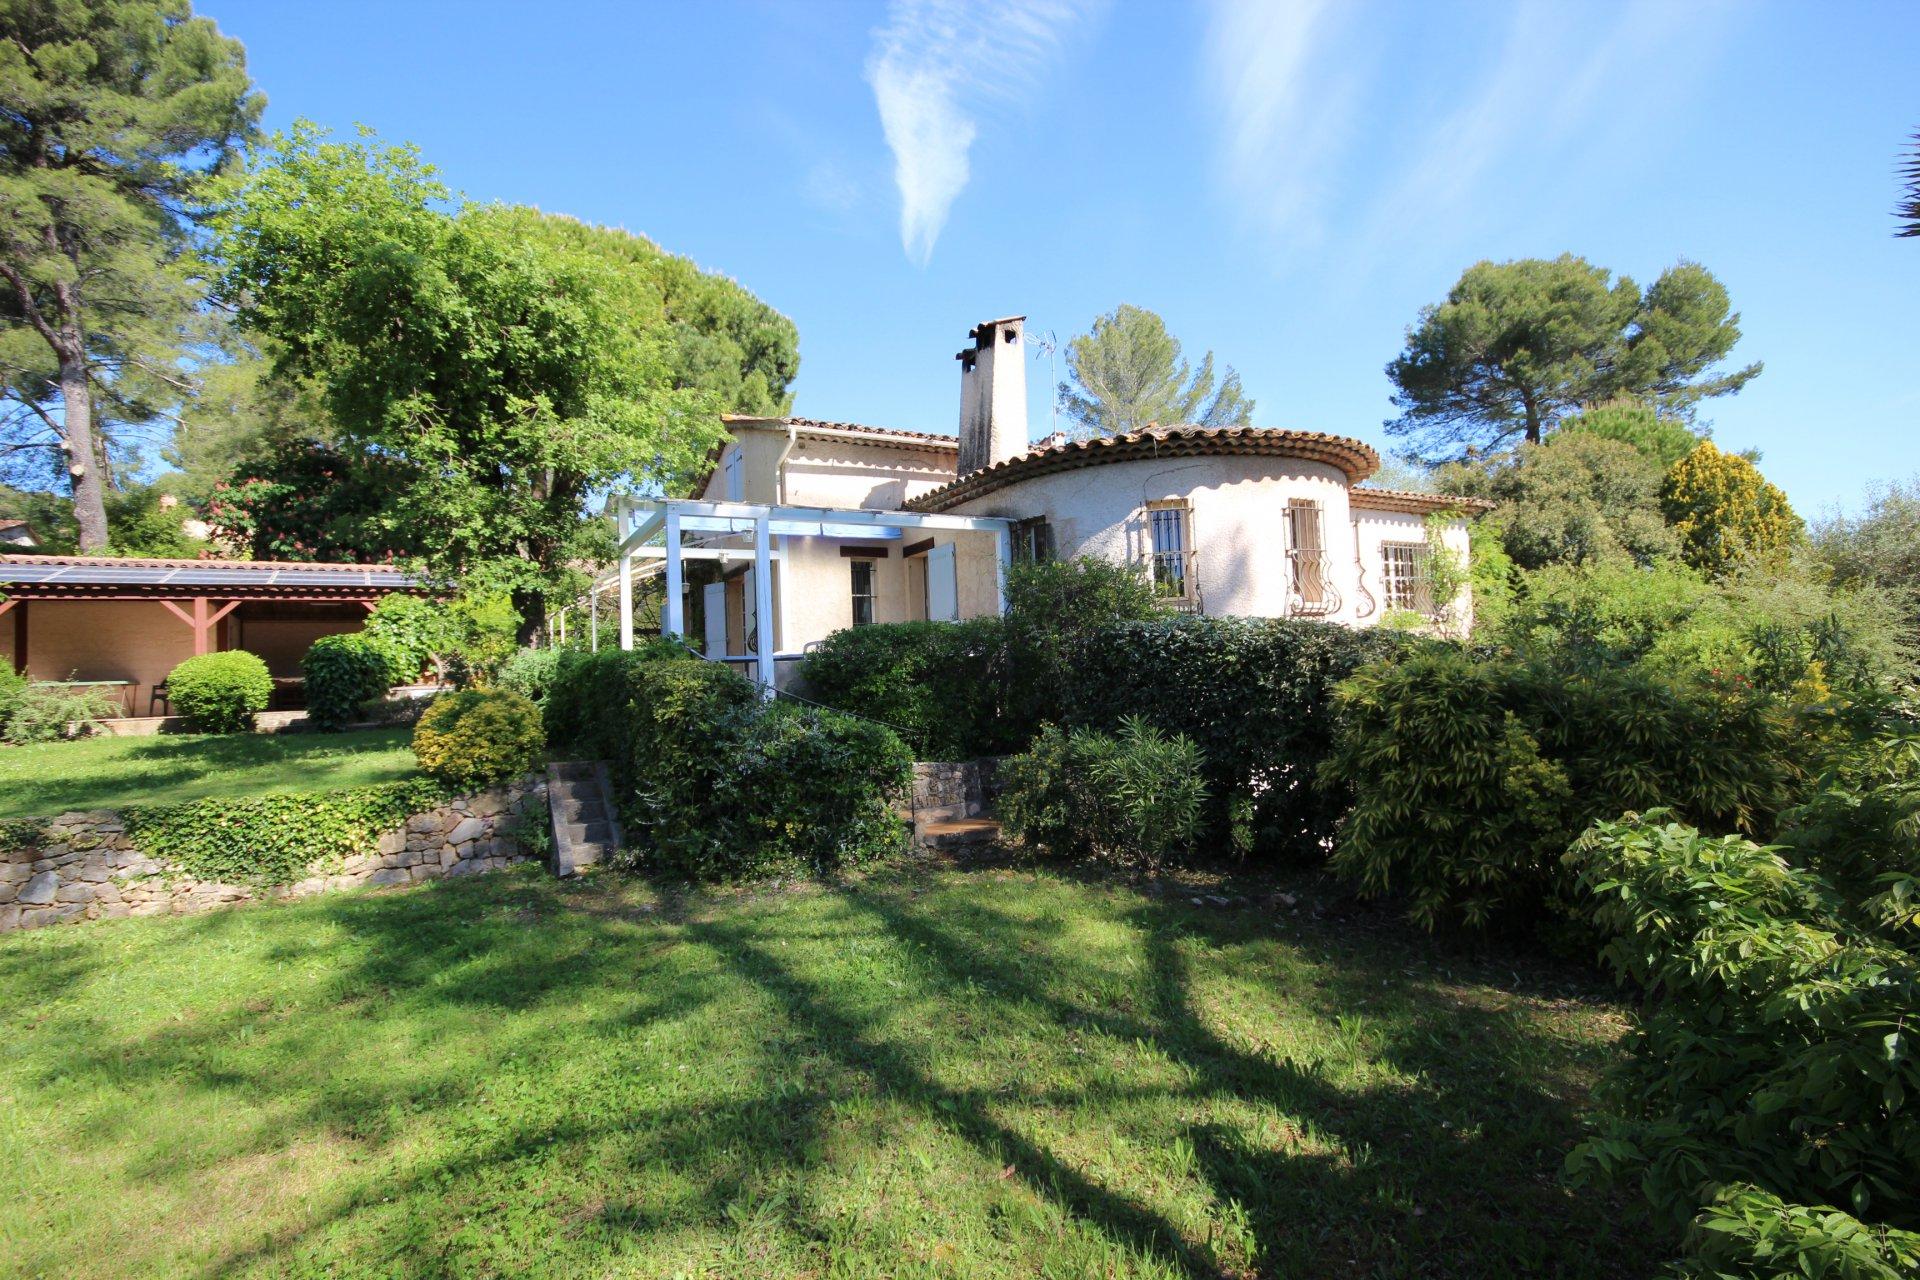 Maison proche du village de Mouans-Sartoux